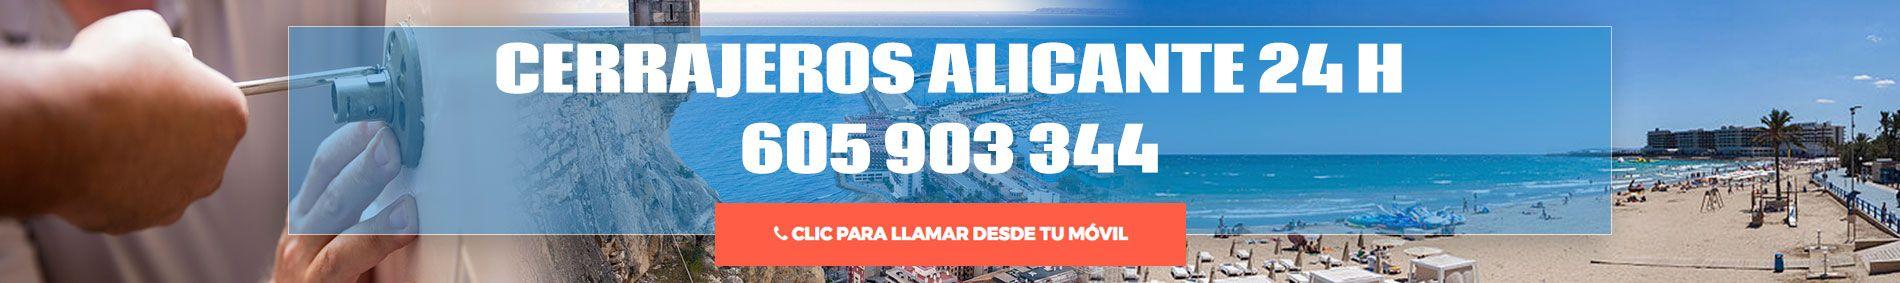 Foto de Cerrajeros Alicante